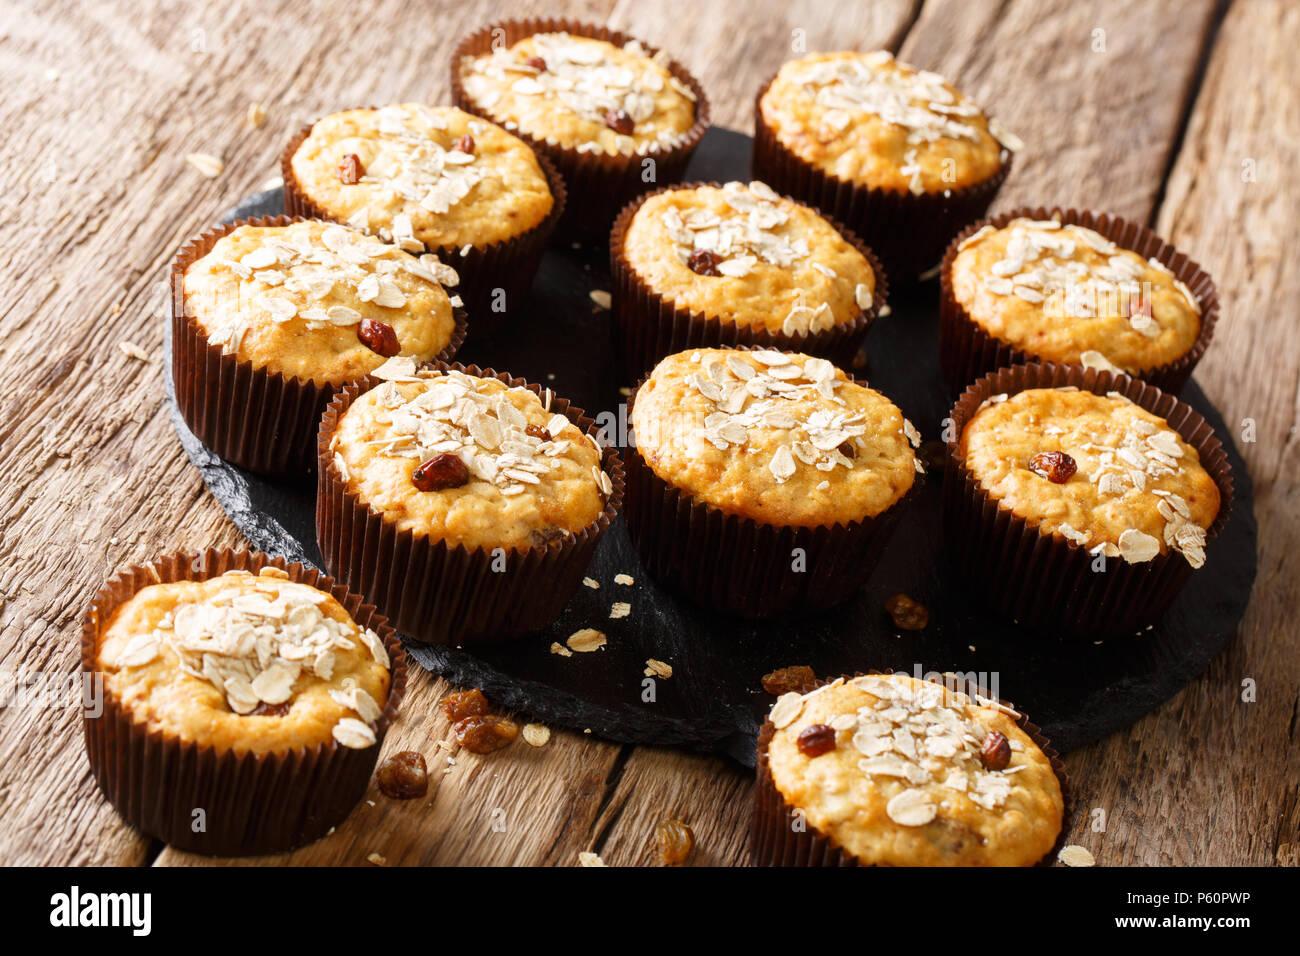 Low-calorie muffin di farina di avena con uvetta e miele vicino sul tavolo orizzontale. Immagini Stock